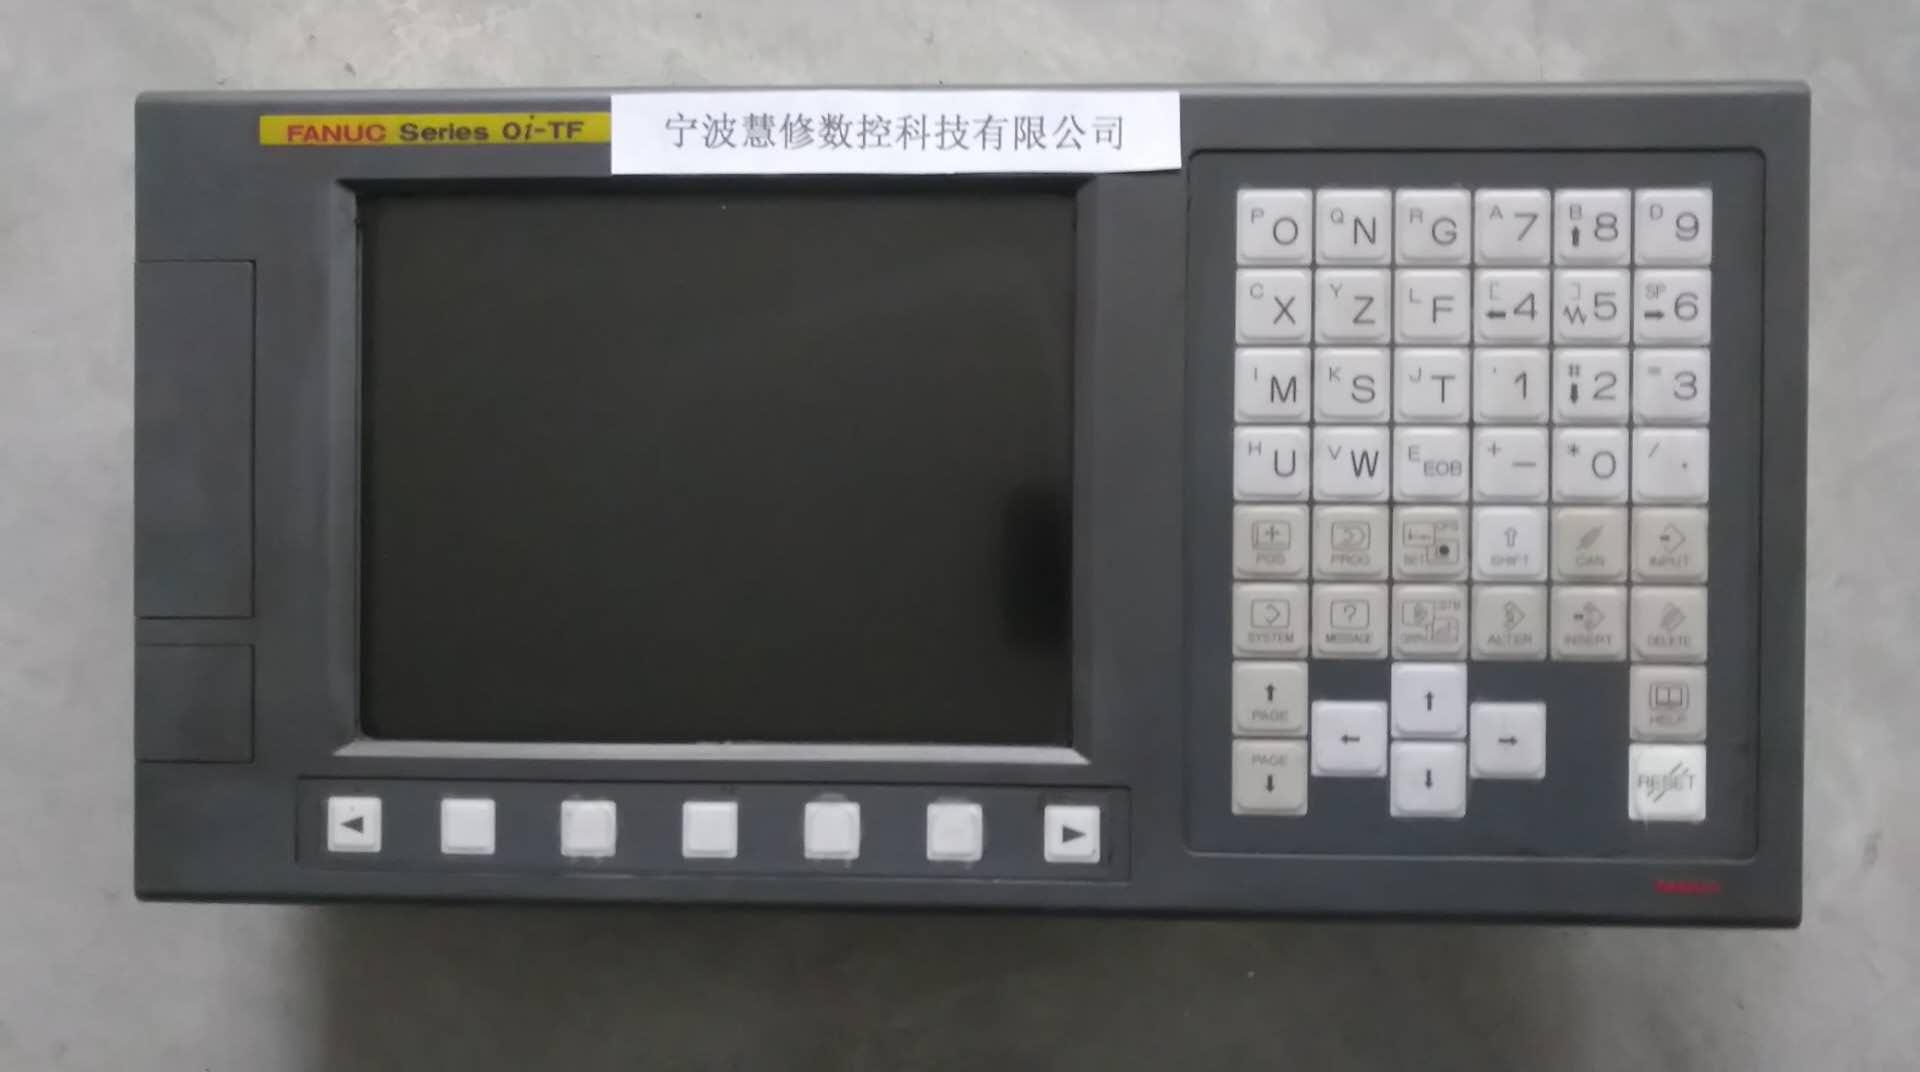 江北区正规凯恩帝数控系统维修厂家,凯恩帝数控系统维修